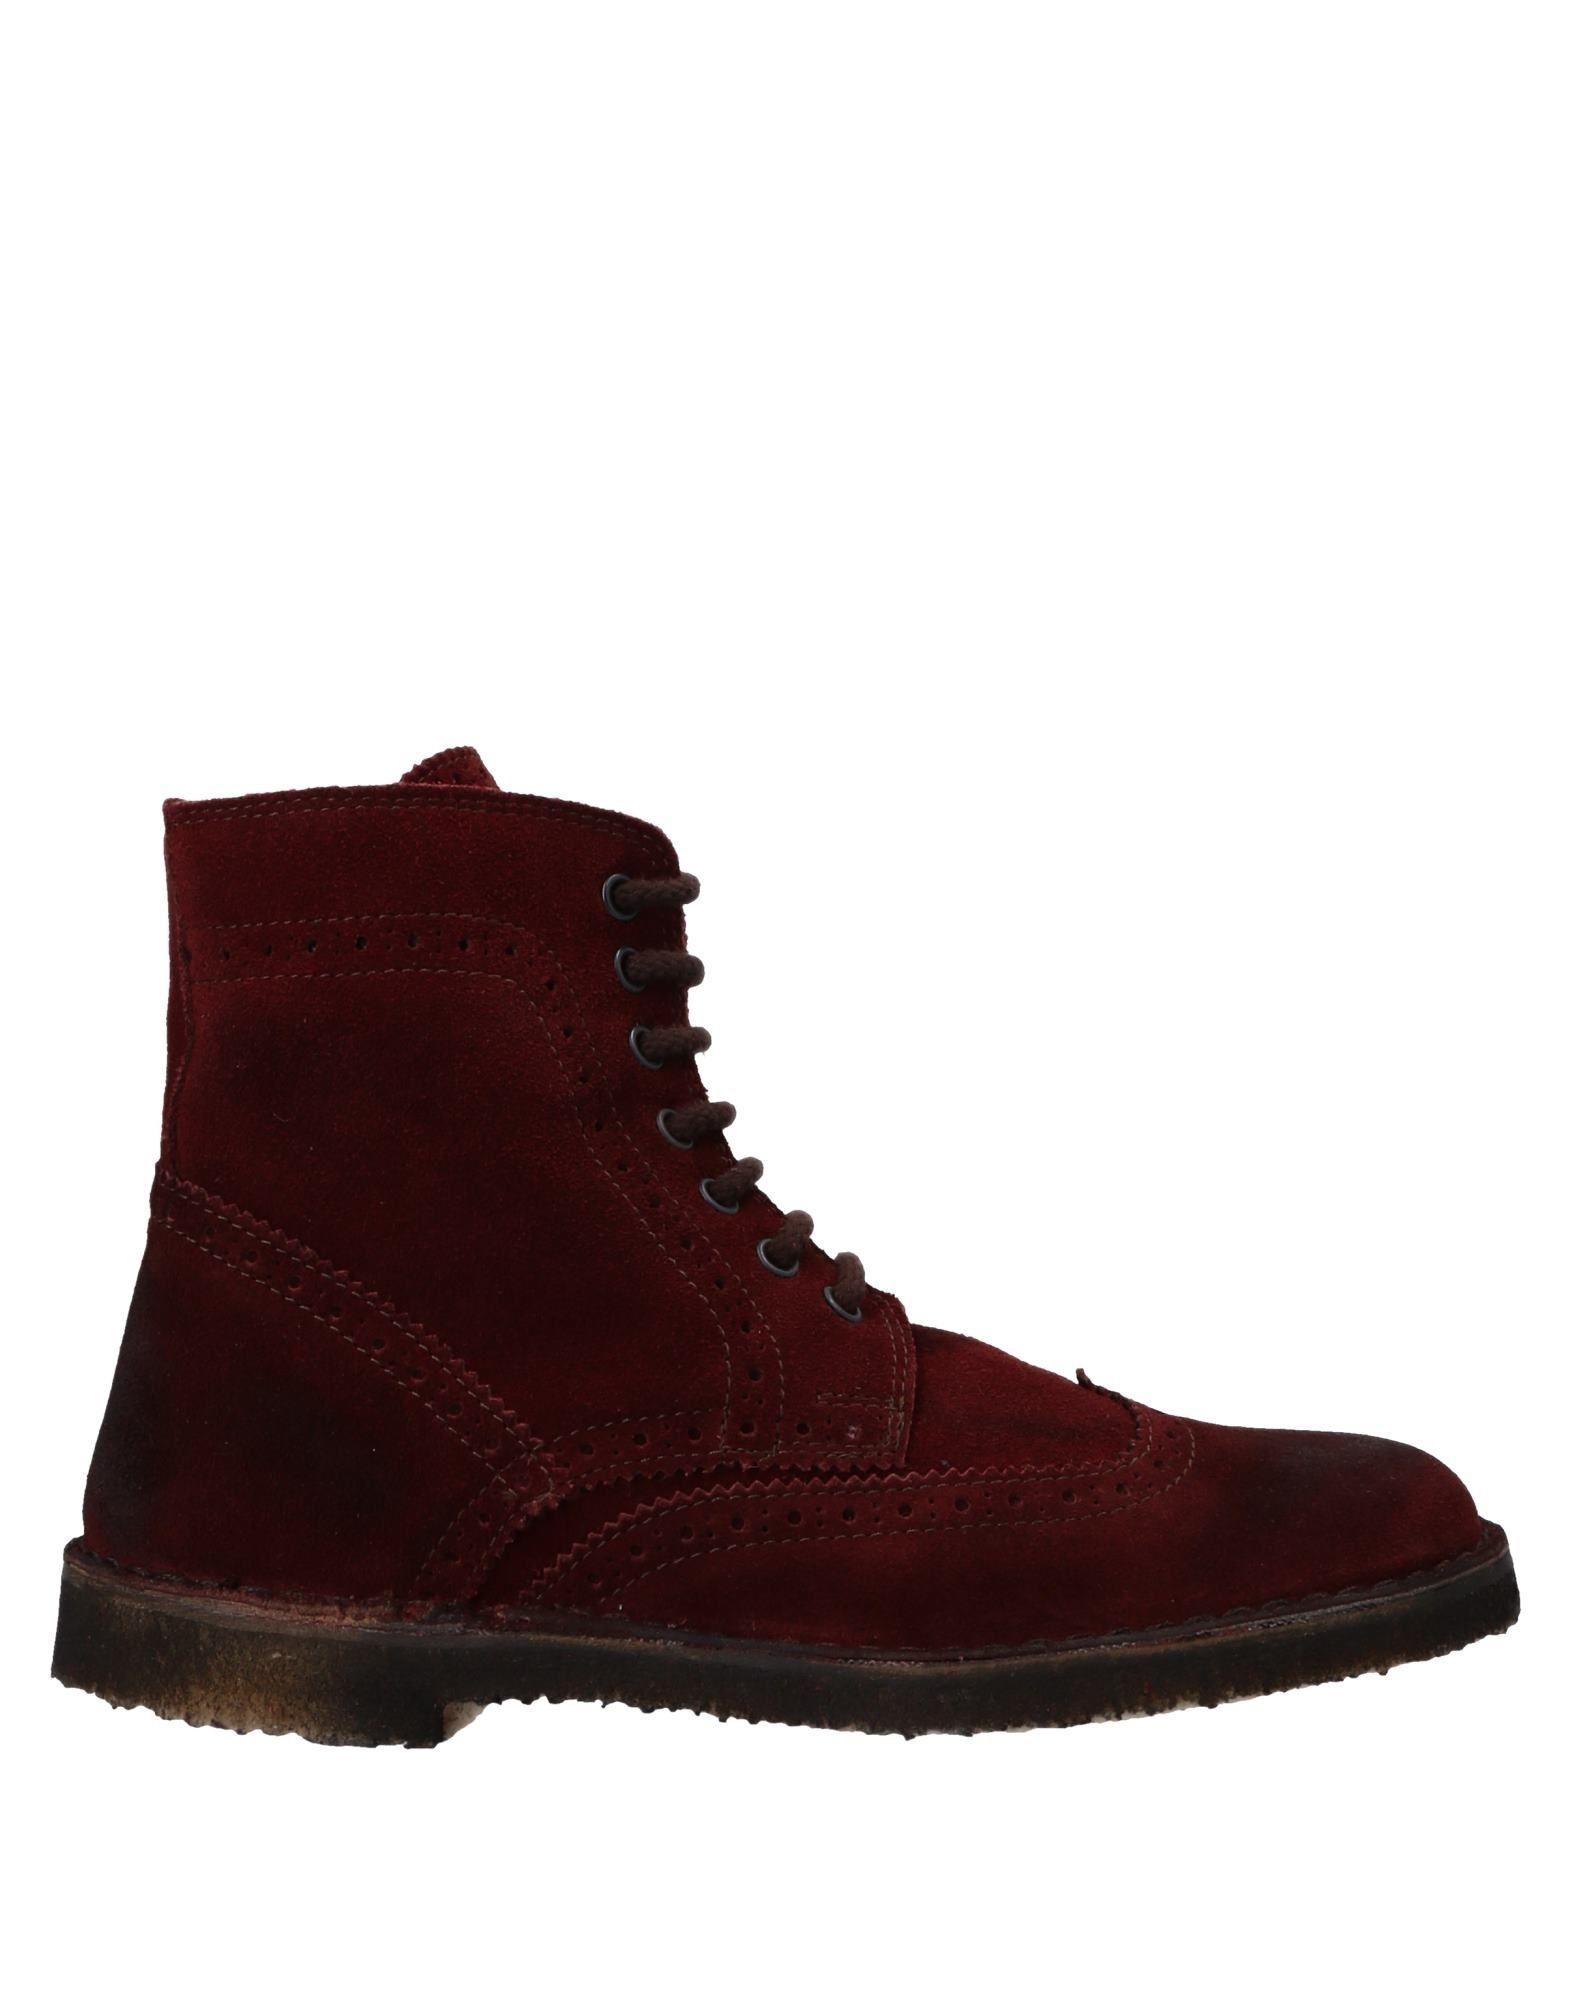 Weg Stiefelette Damen Qualität  11545601AE Gute Qualität Damen beliebte Schuhe cdacce